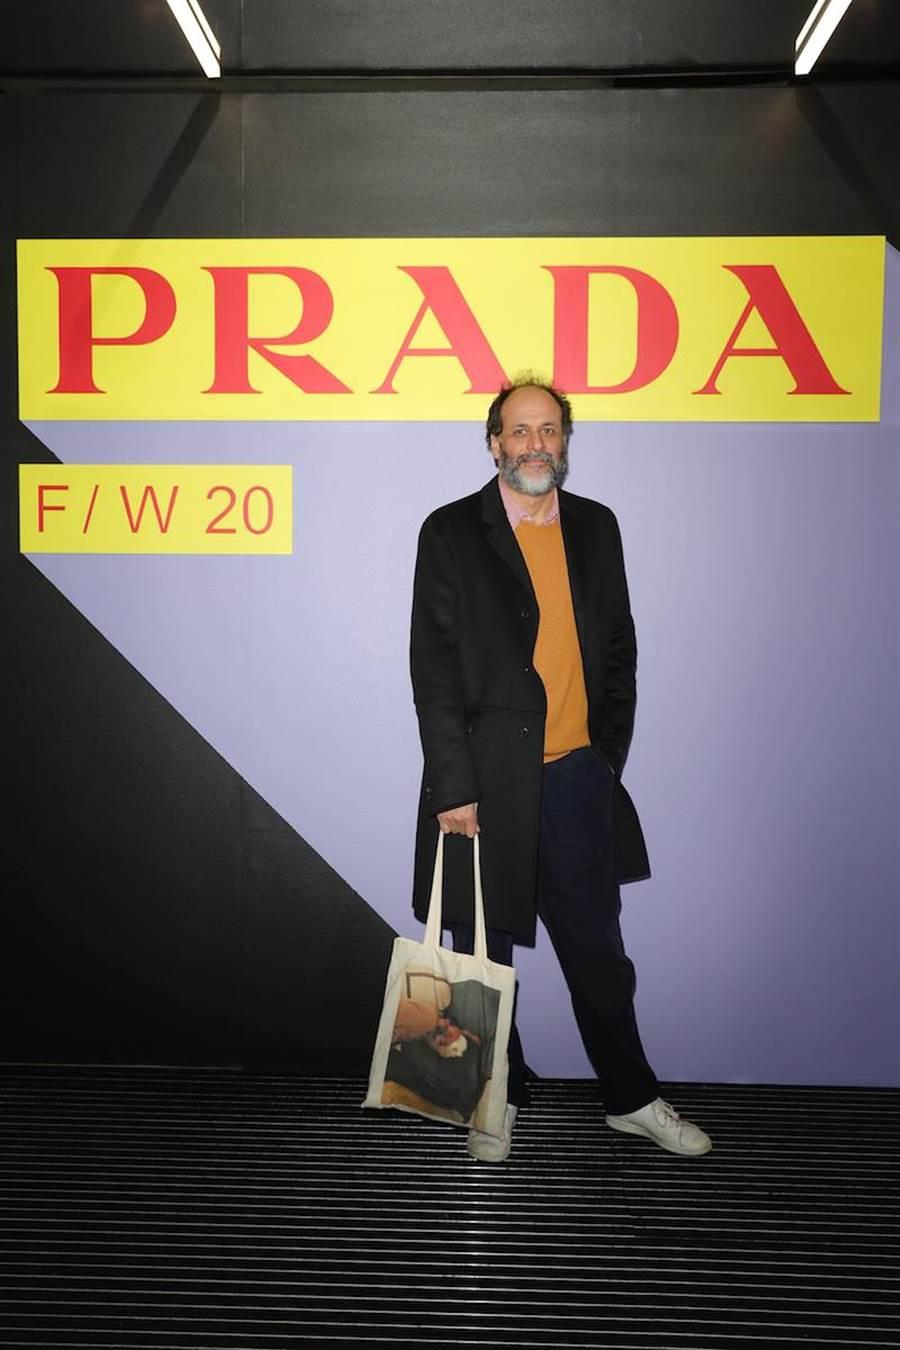 義大利導演和編劇Luca Guadagnino出席PRADA男裝秀。(PRADA提供)